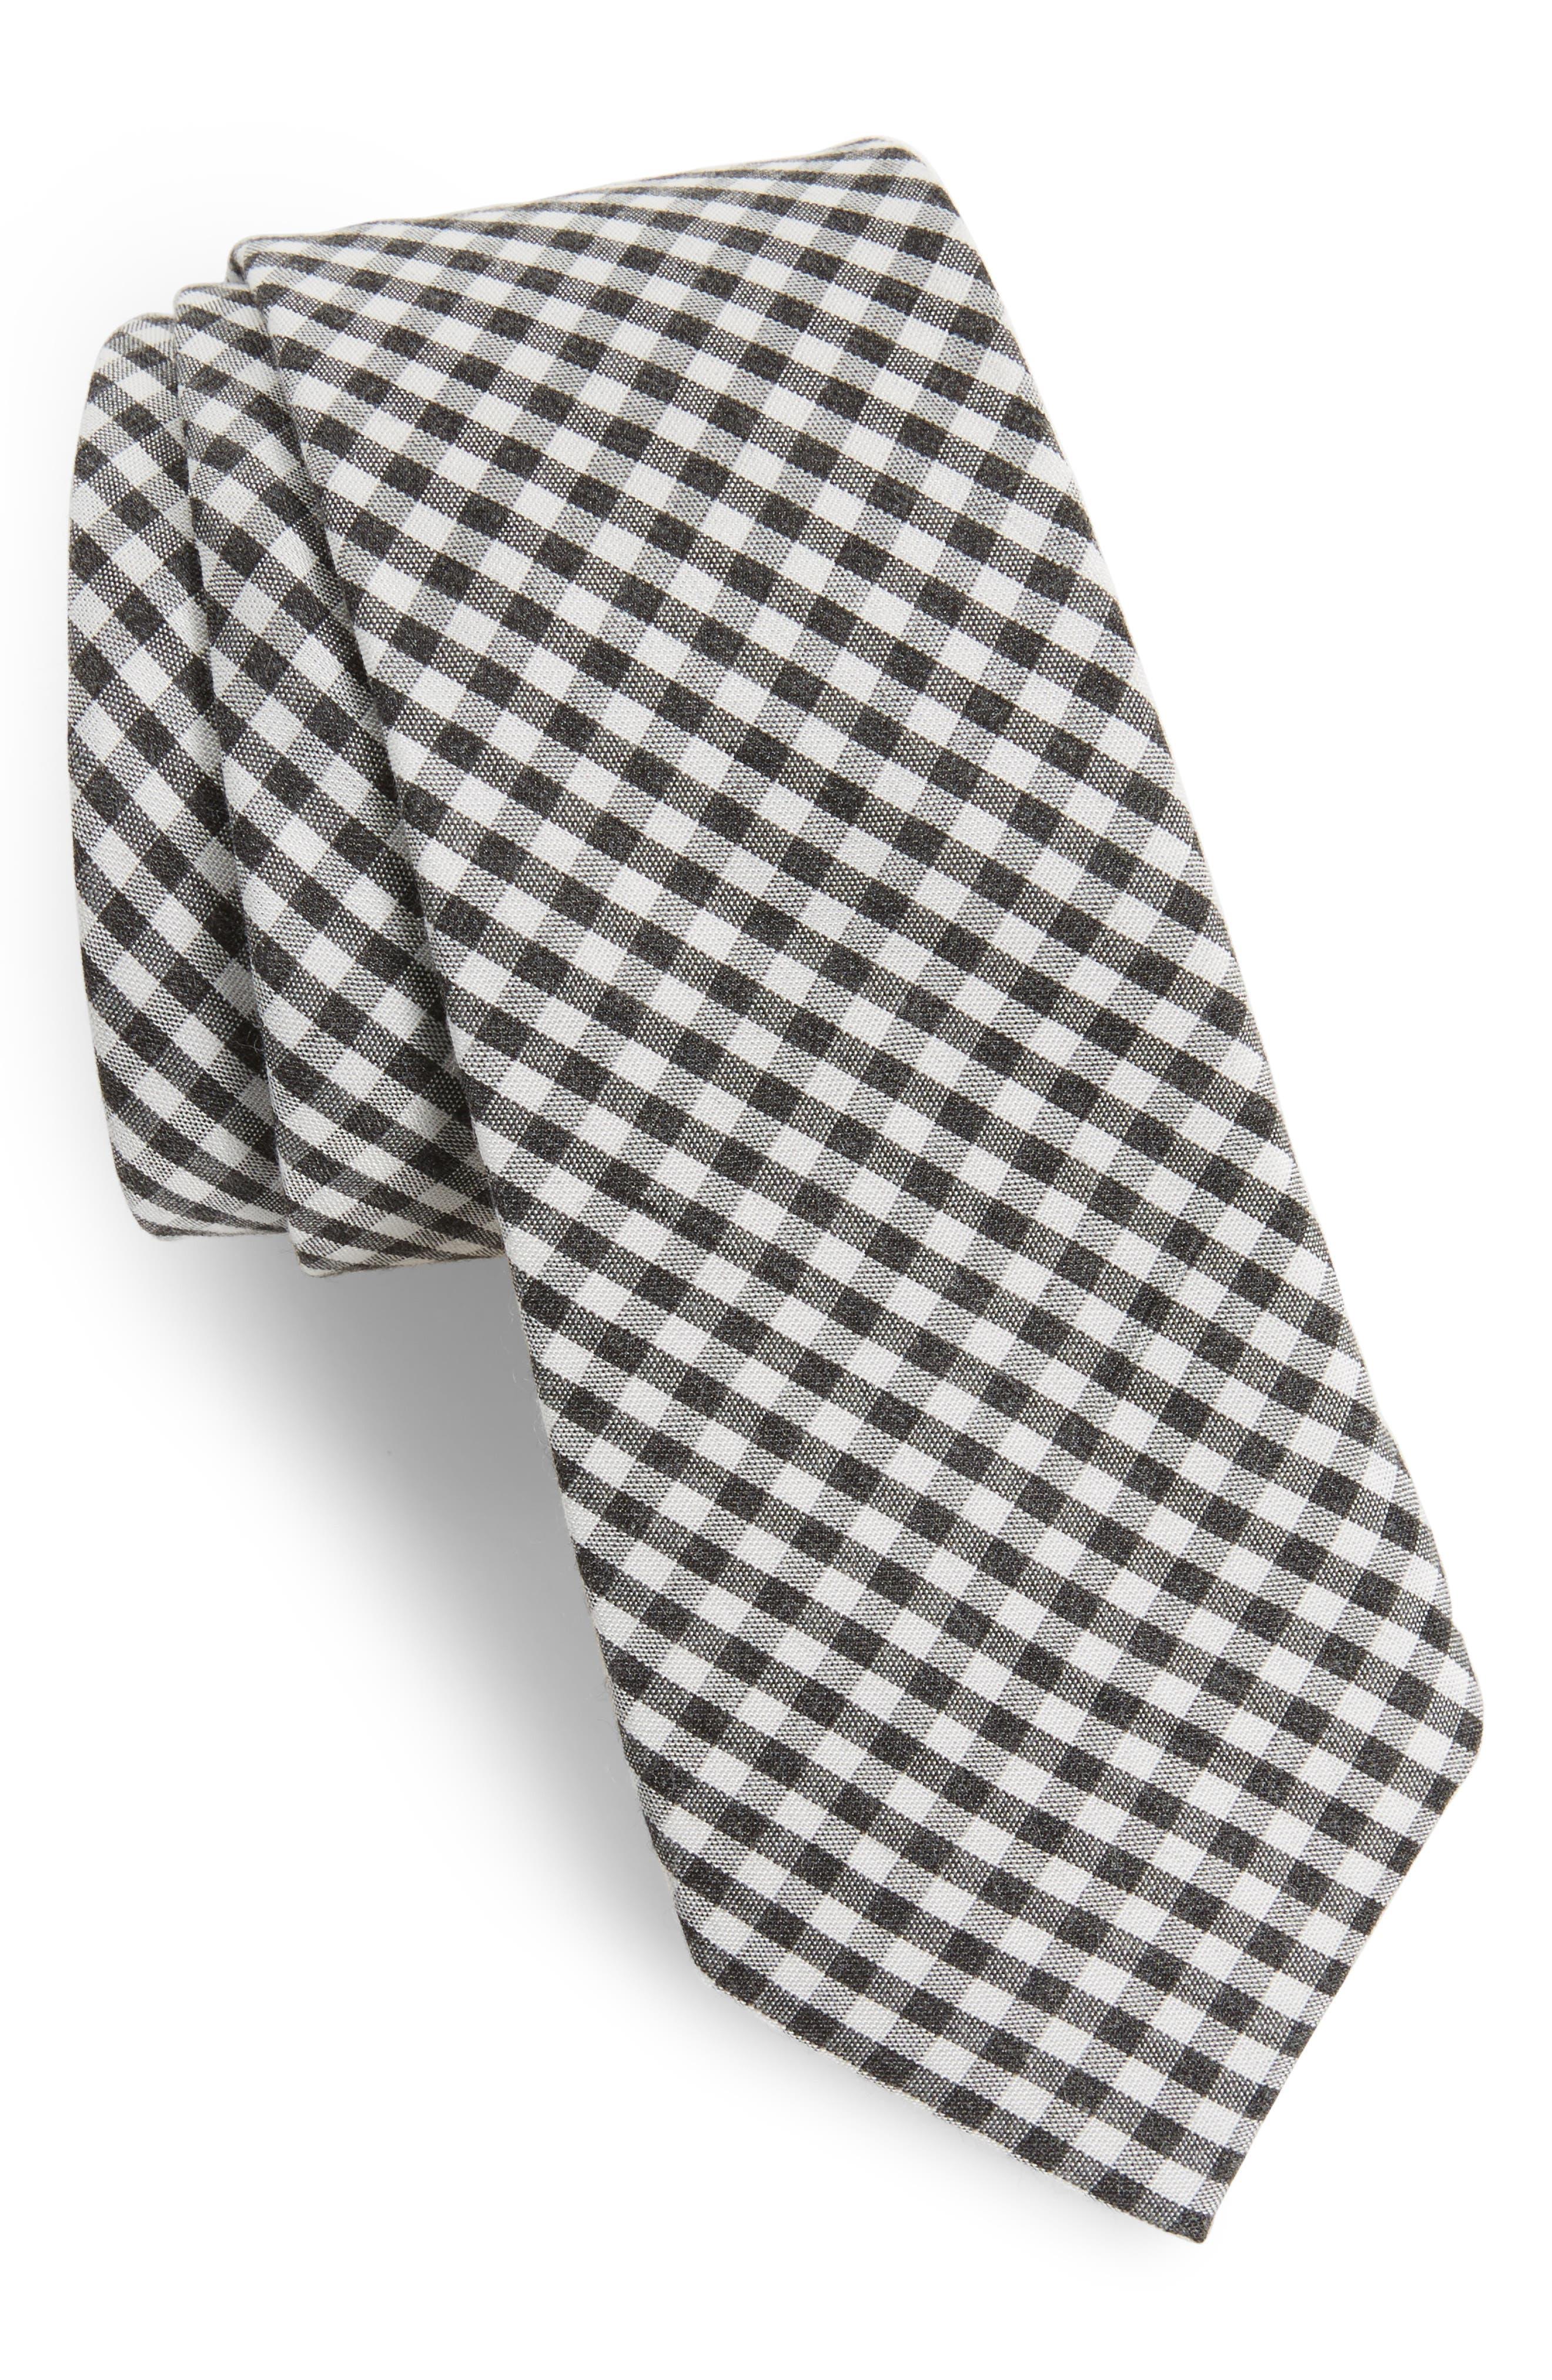 1901 Cahill Check Skinny Tie